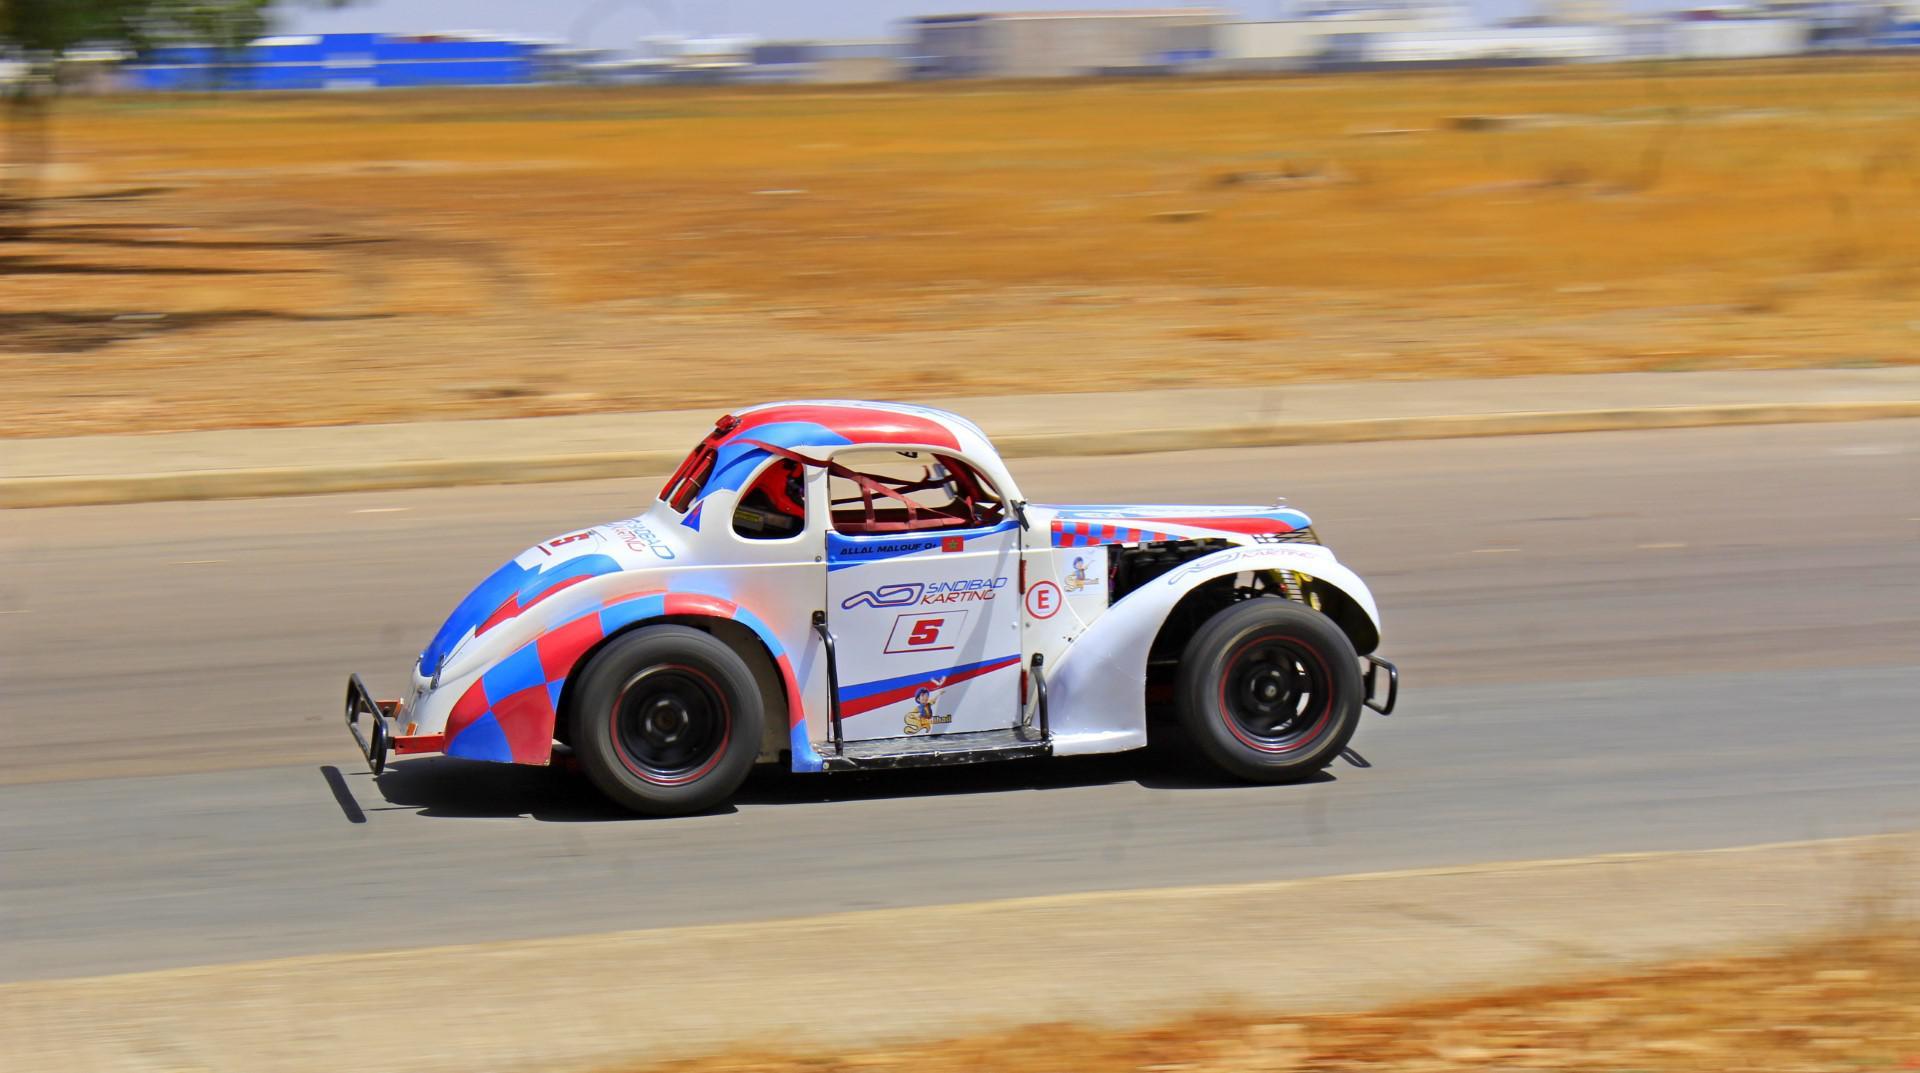 2eme-manche-du-championnat-du-maroc-des-circuits-845-19.jpg